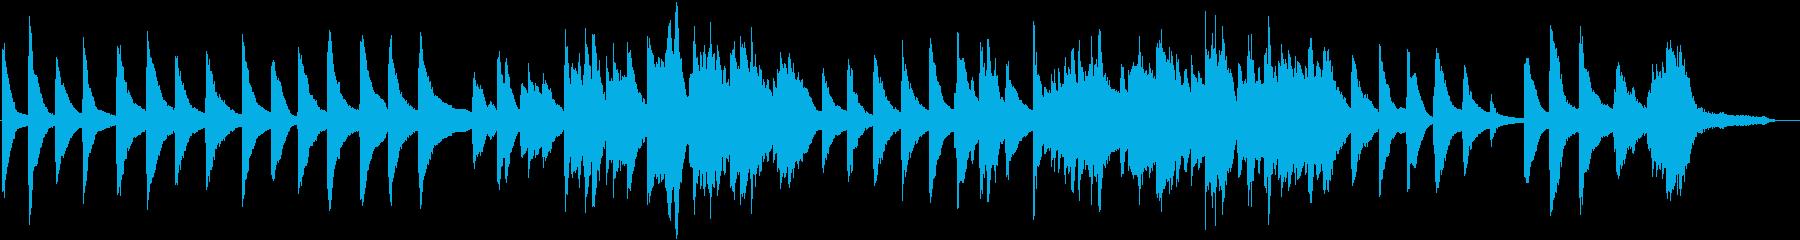 少し寂しく不安な和風のピアノの再生済みの波形